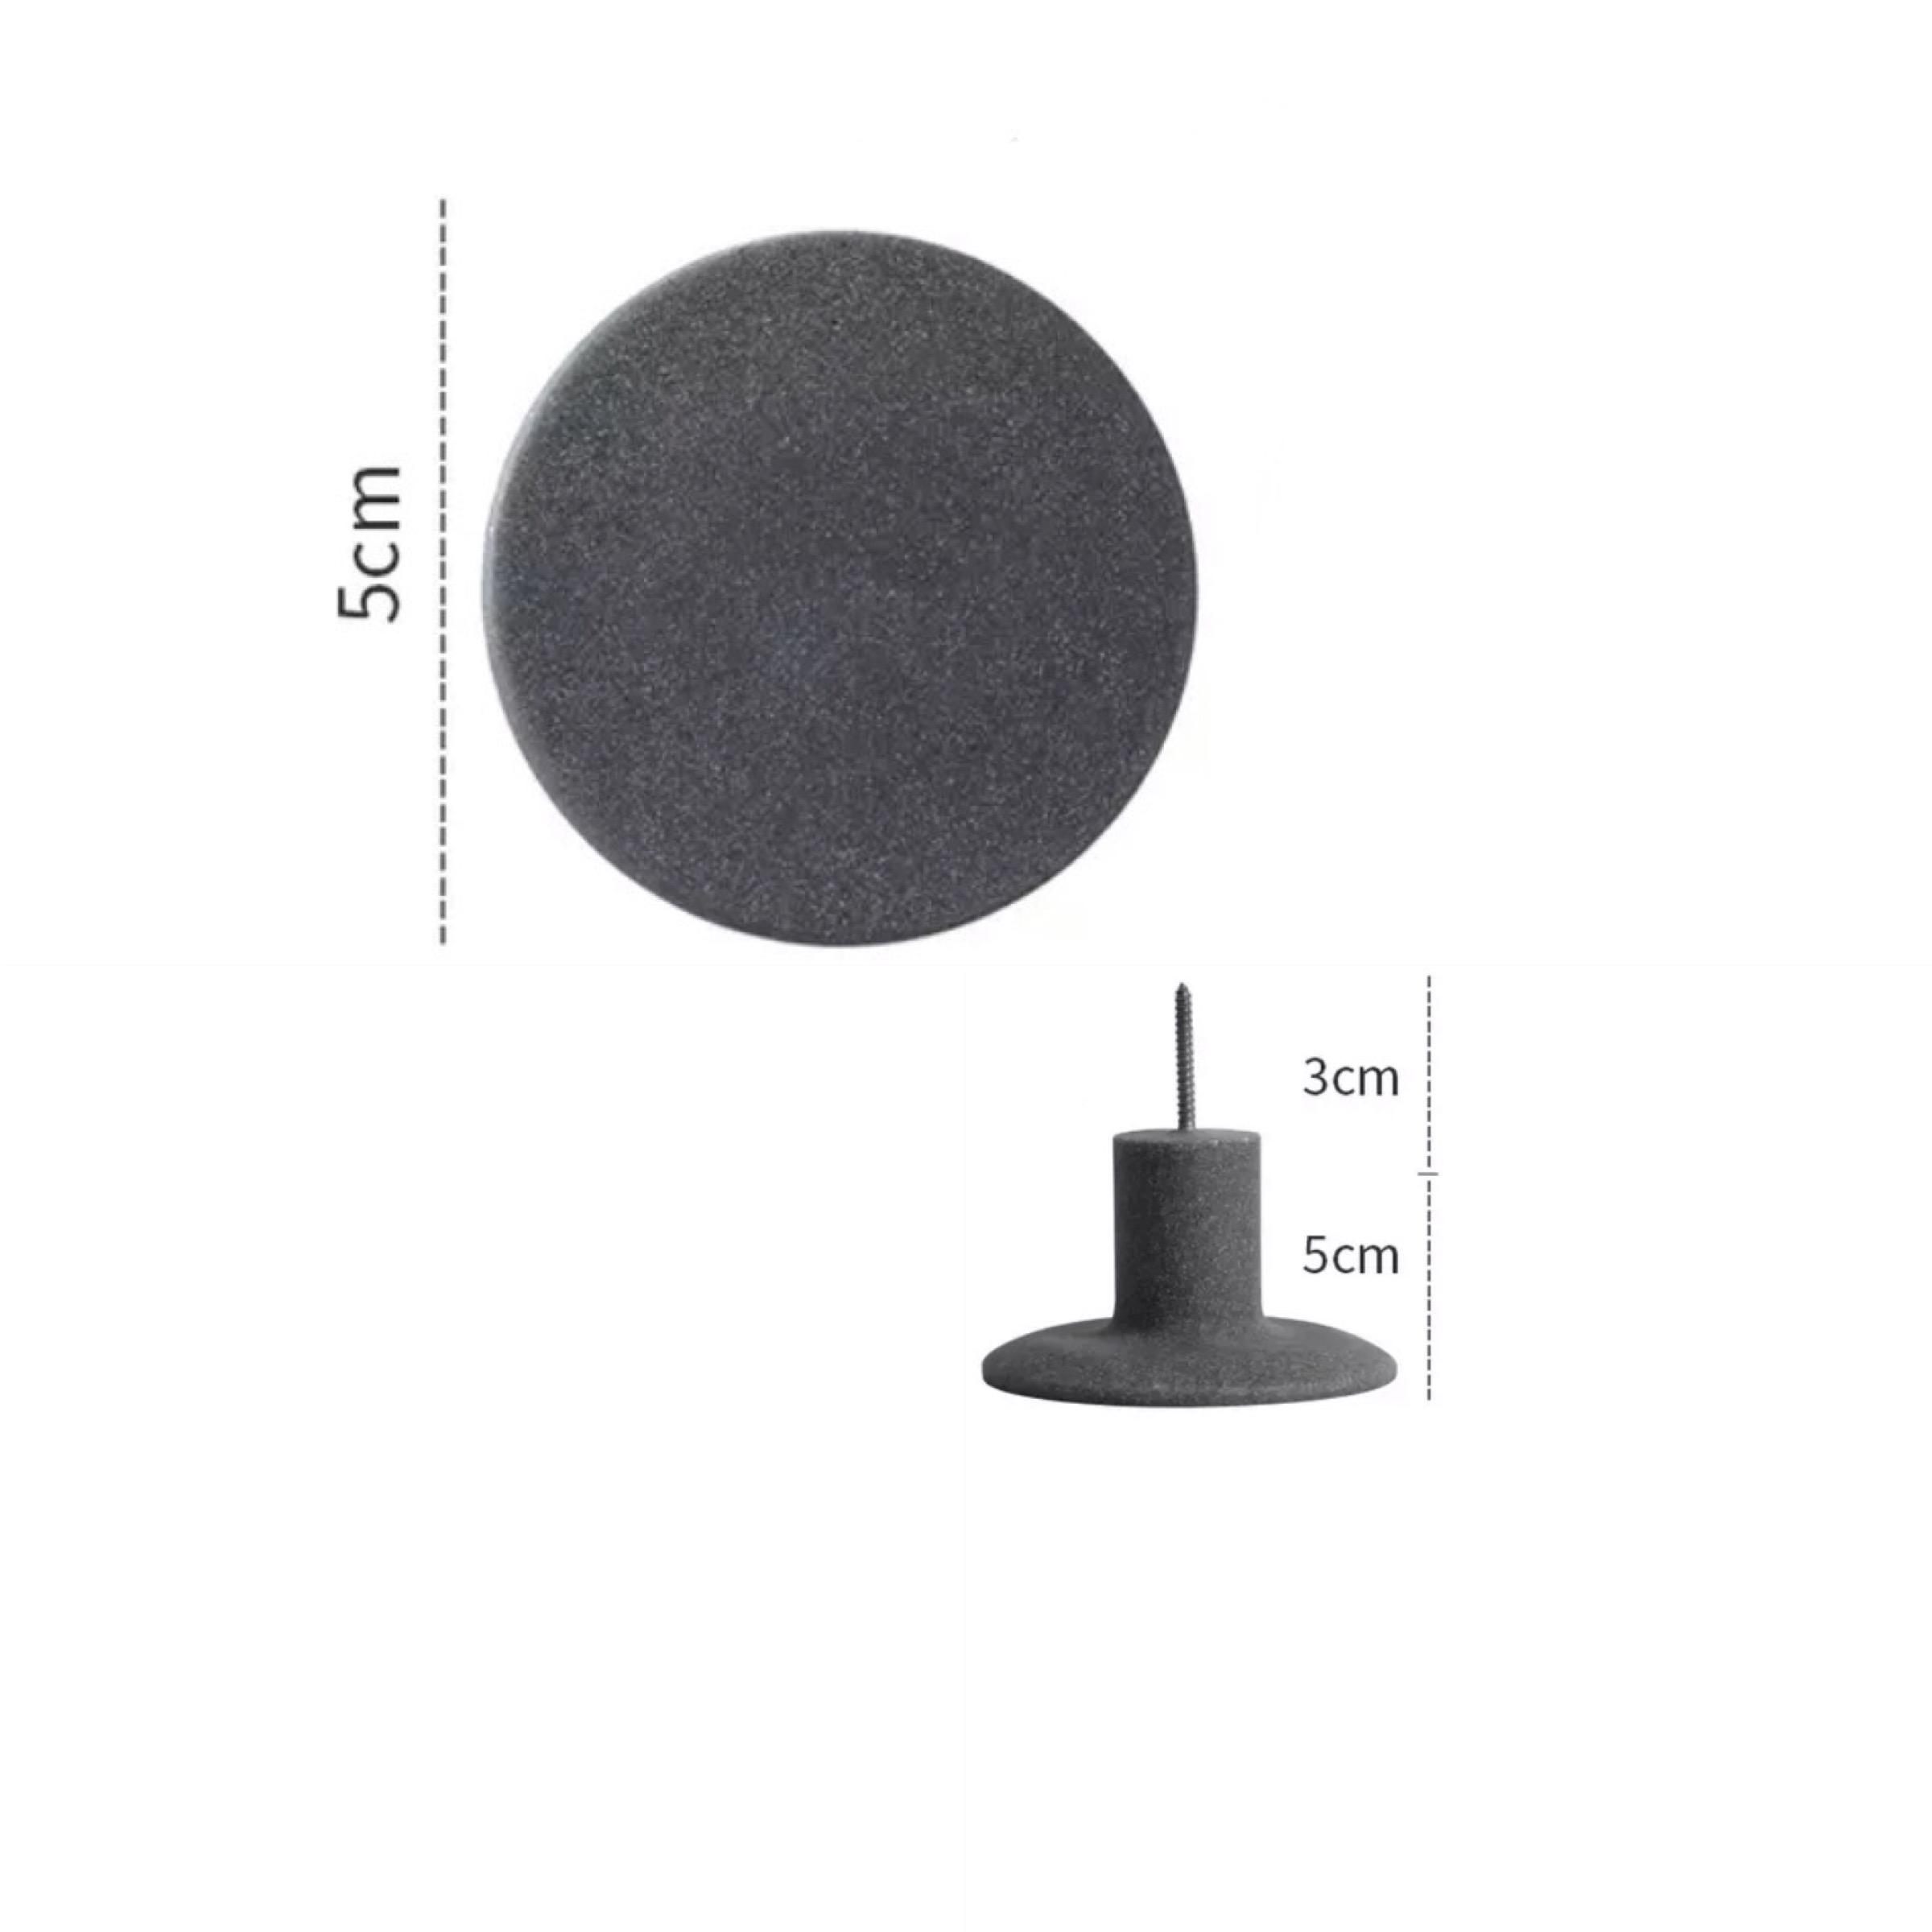 Wandhaak grijs 5 cm kopen?